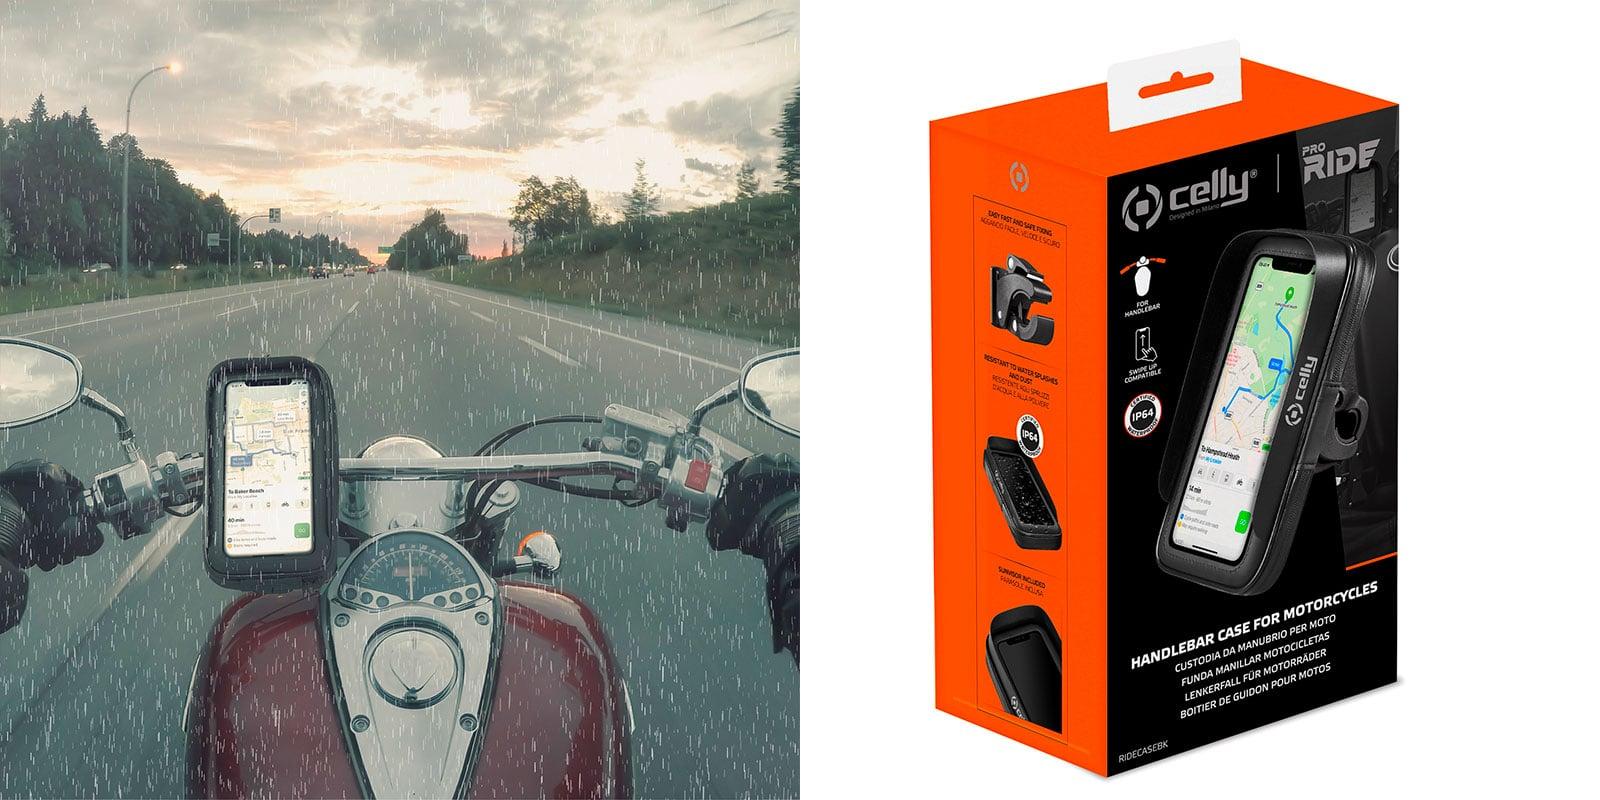 Accessori Smartphone per Moto: le novità ProRide di Celly 1